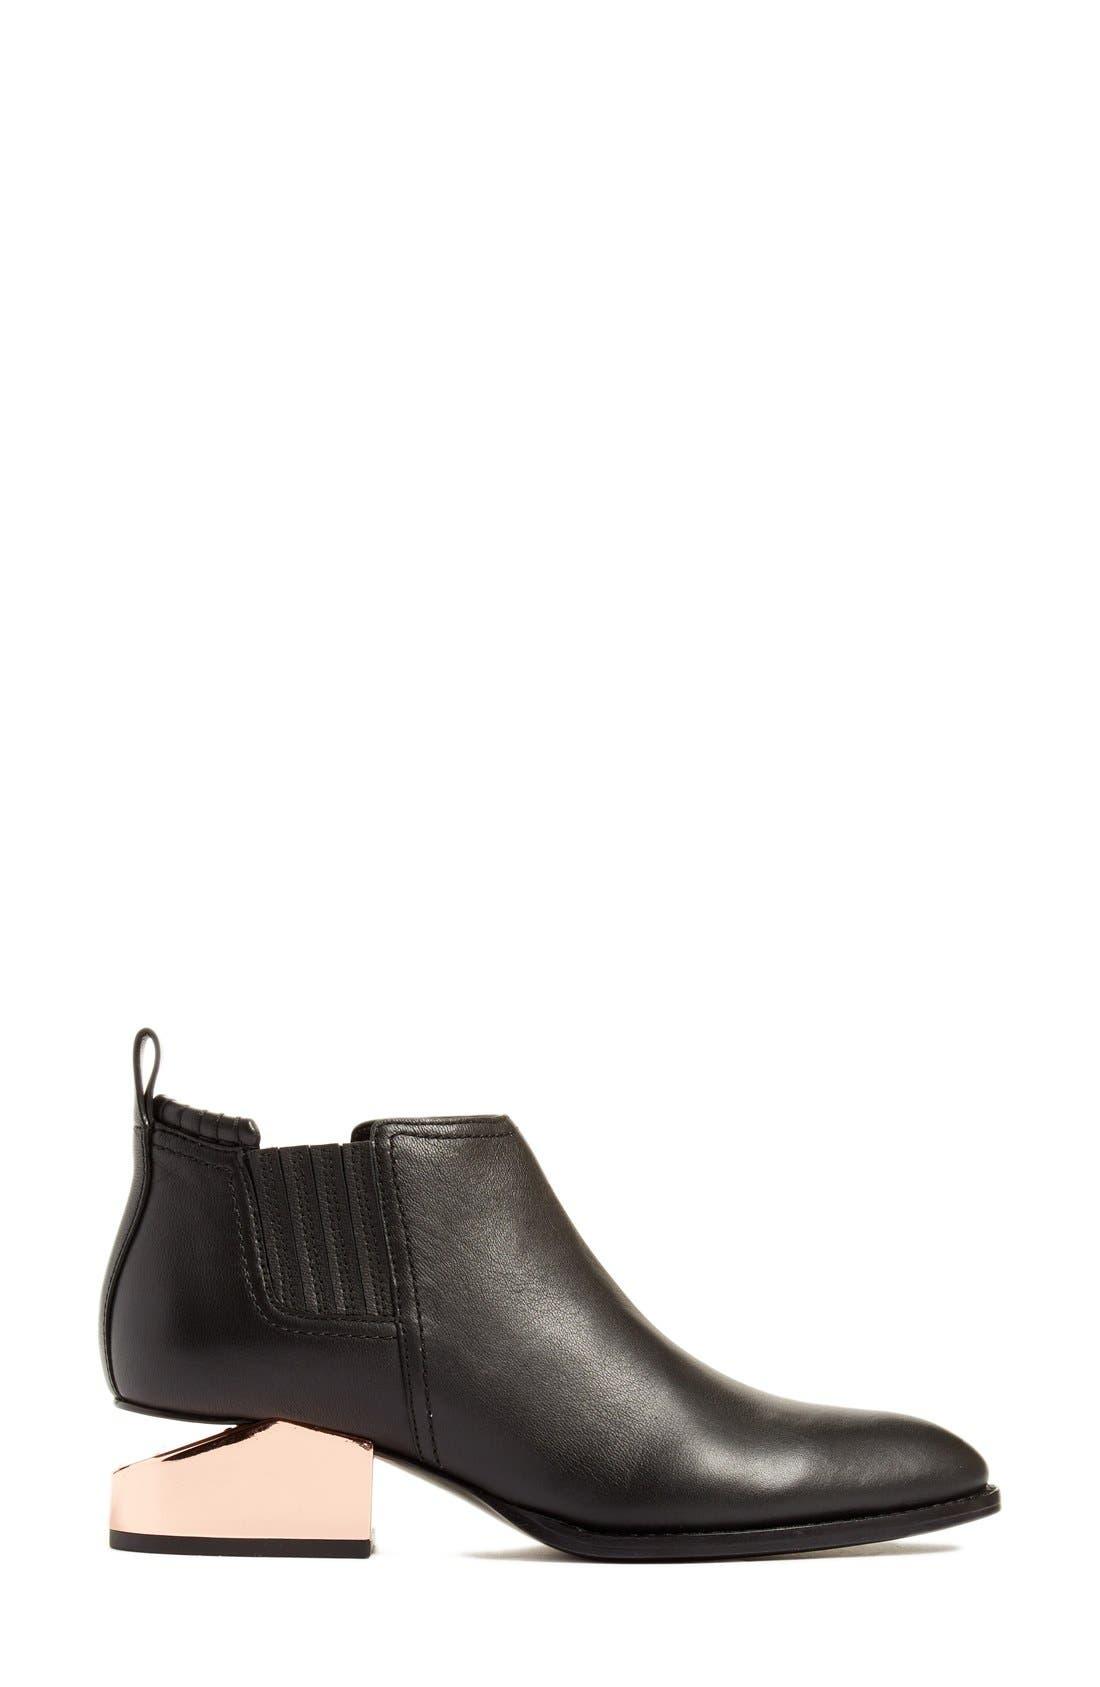 Kori Chelsea Boot,                             Alternate thumbnail 4, color,                             Black